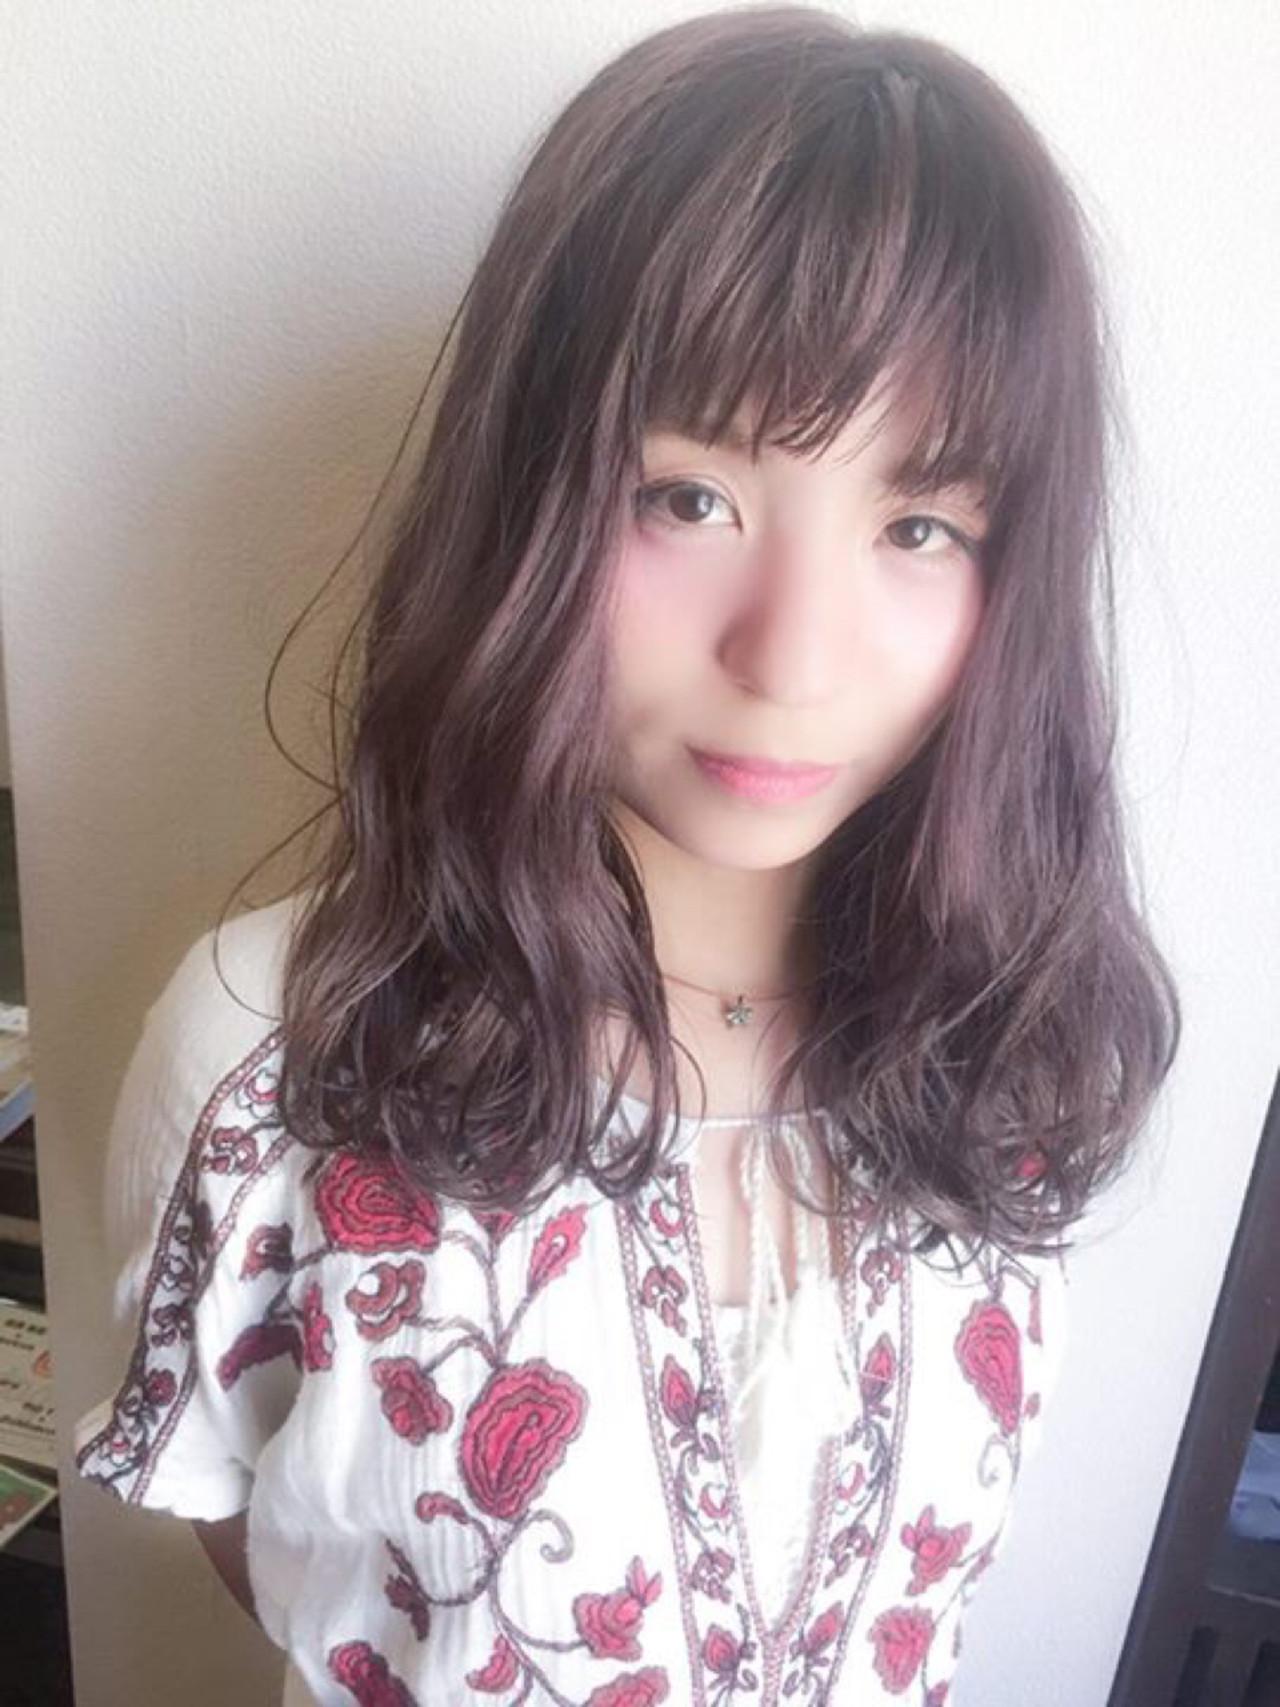 ラベンダーアッシュなあなたの髪色を旬に♪うっとり色落ちを楽しもう 田渕 英和 / vicushair